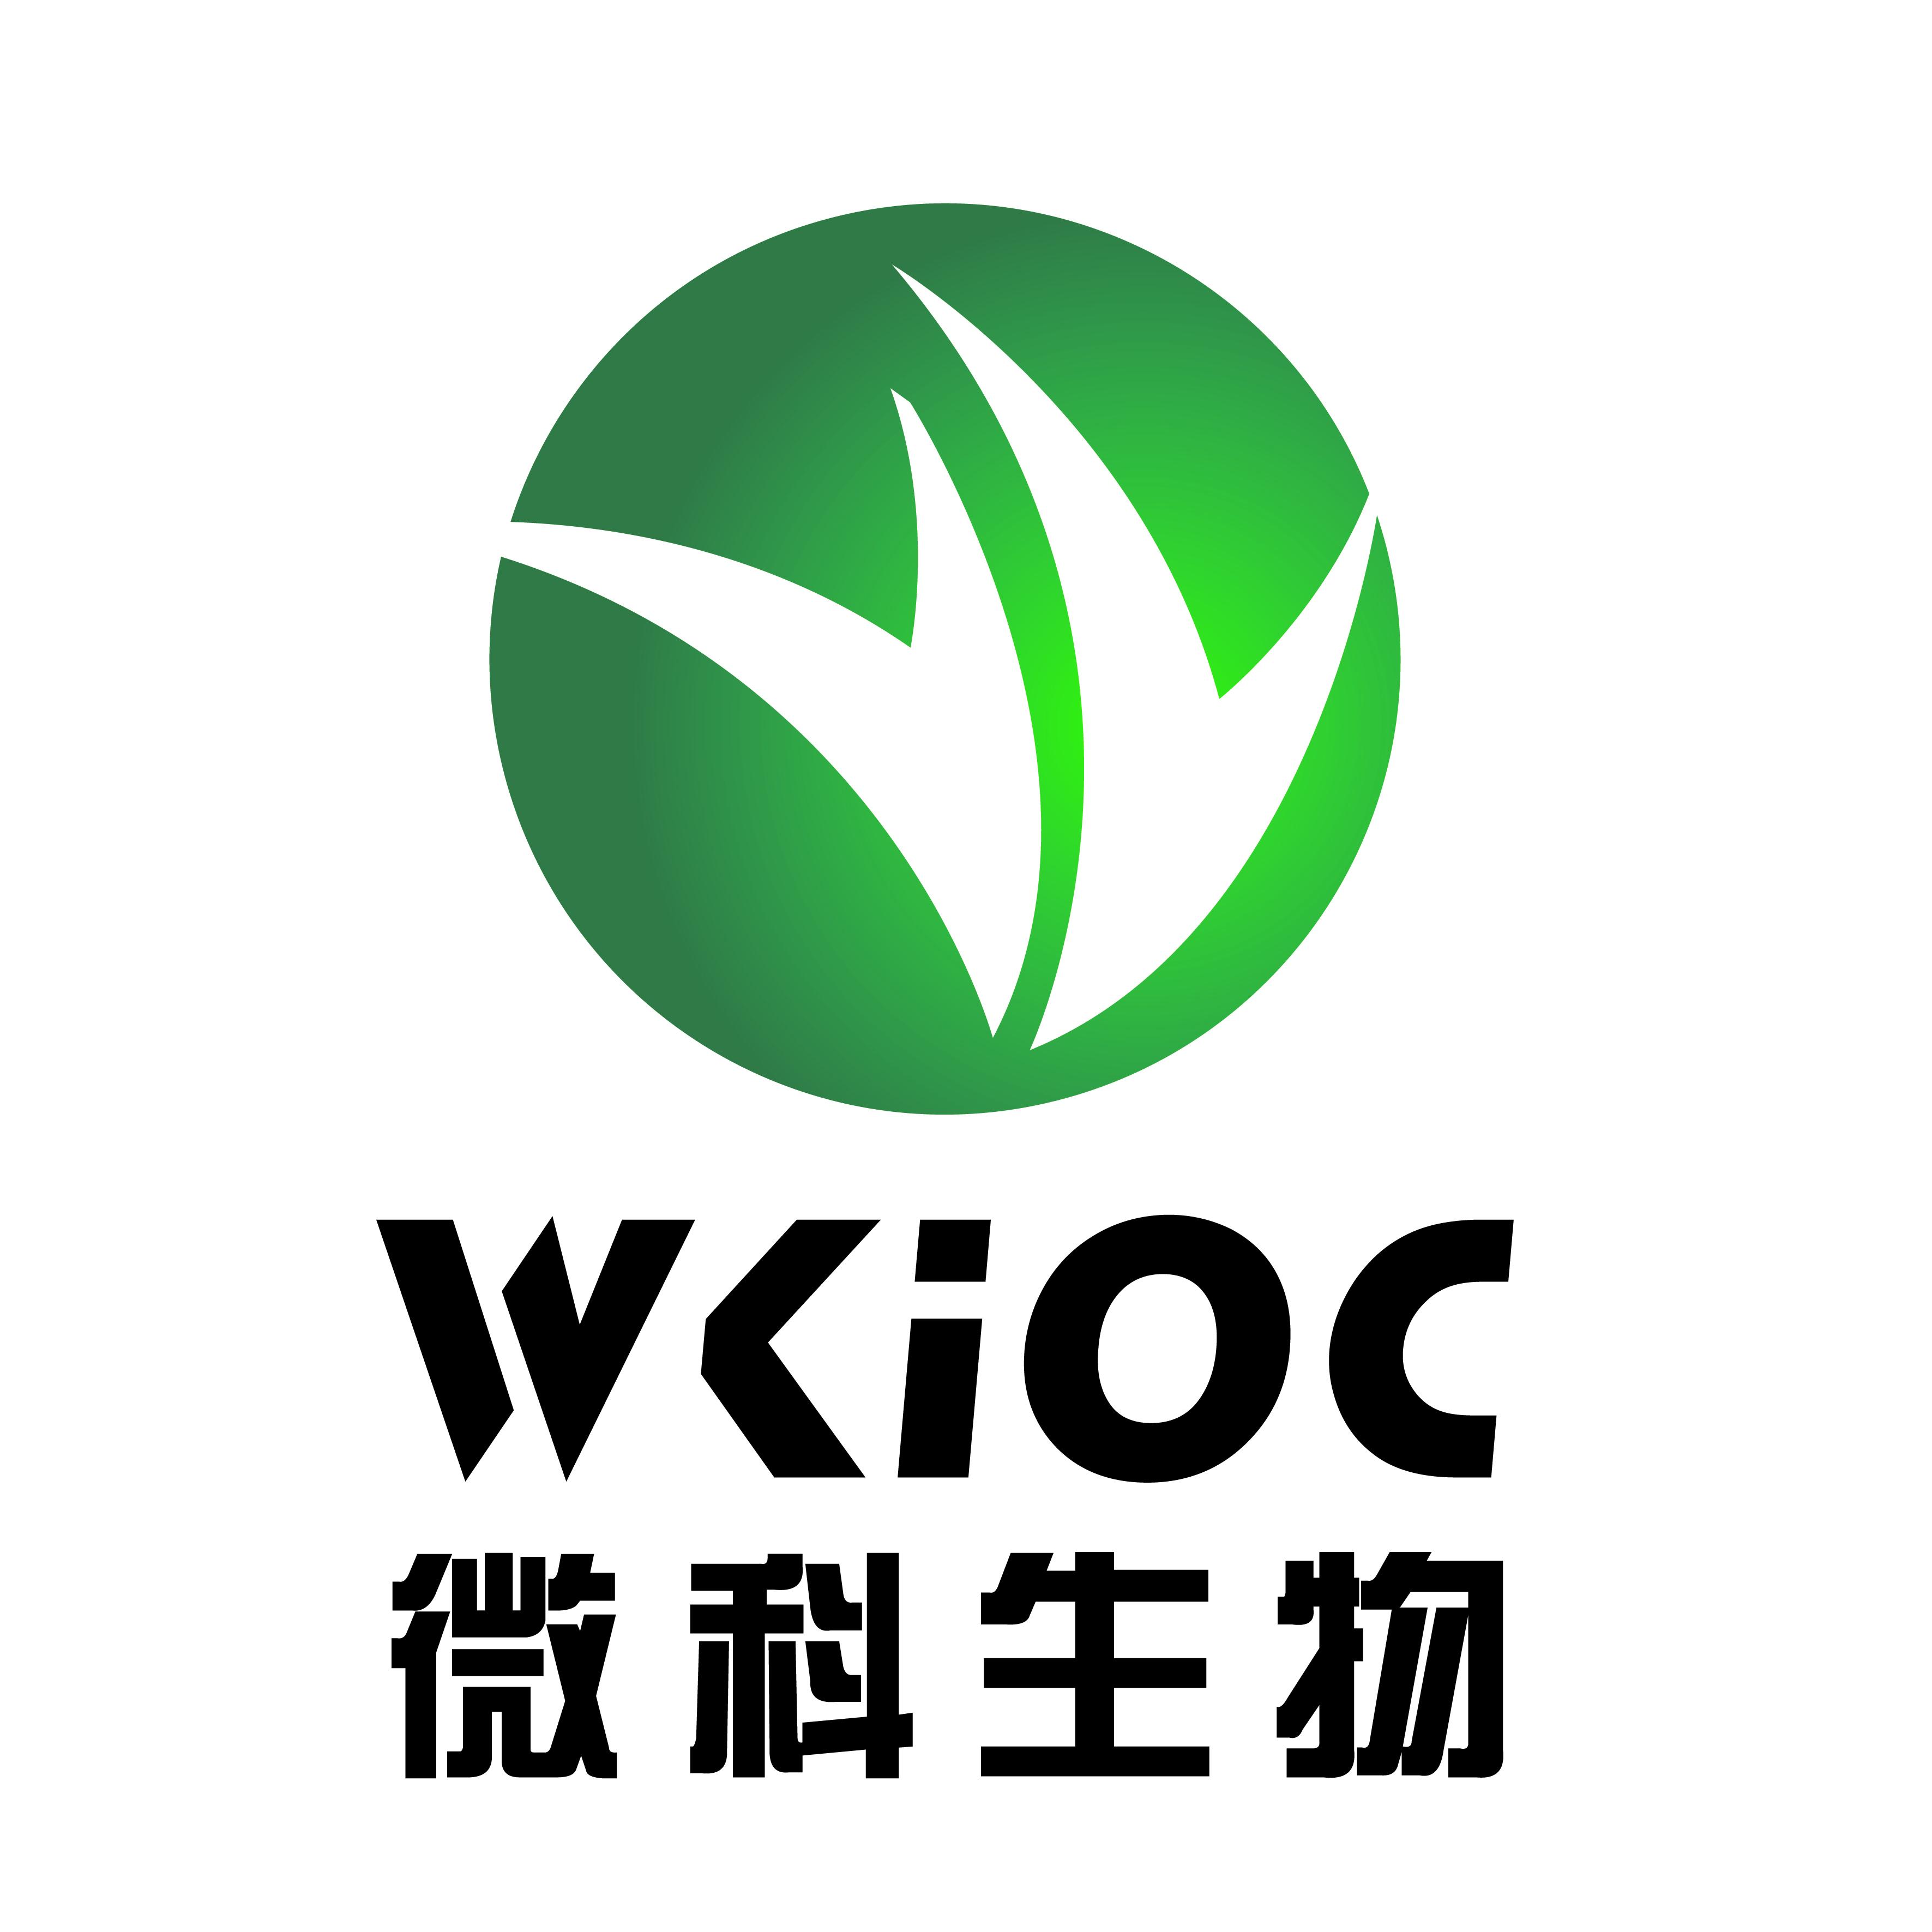 辽宁微科生物工程股份有限公司